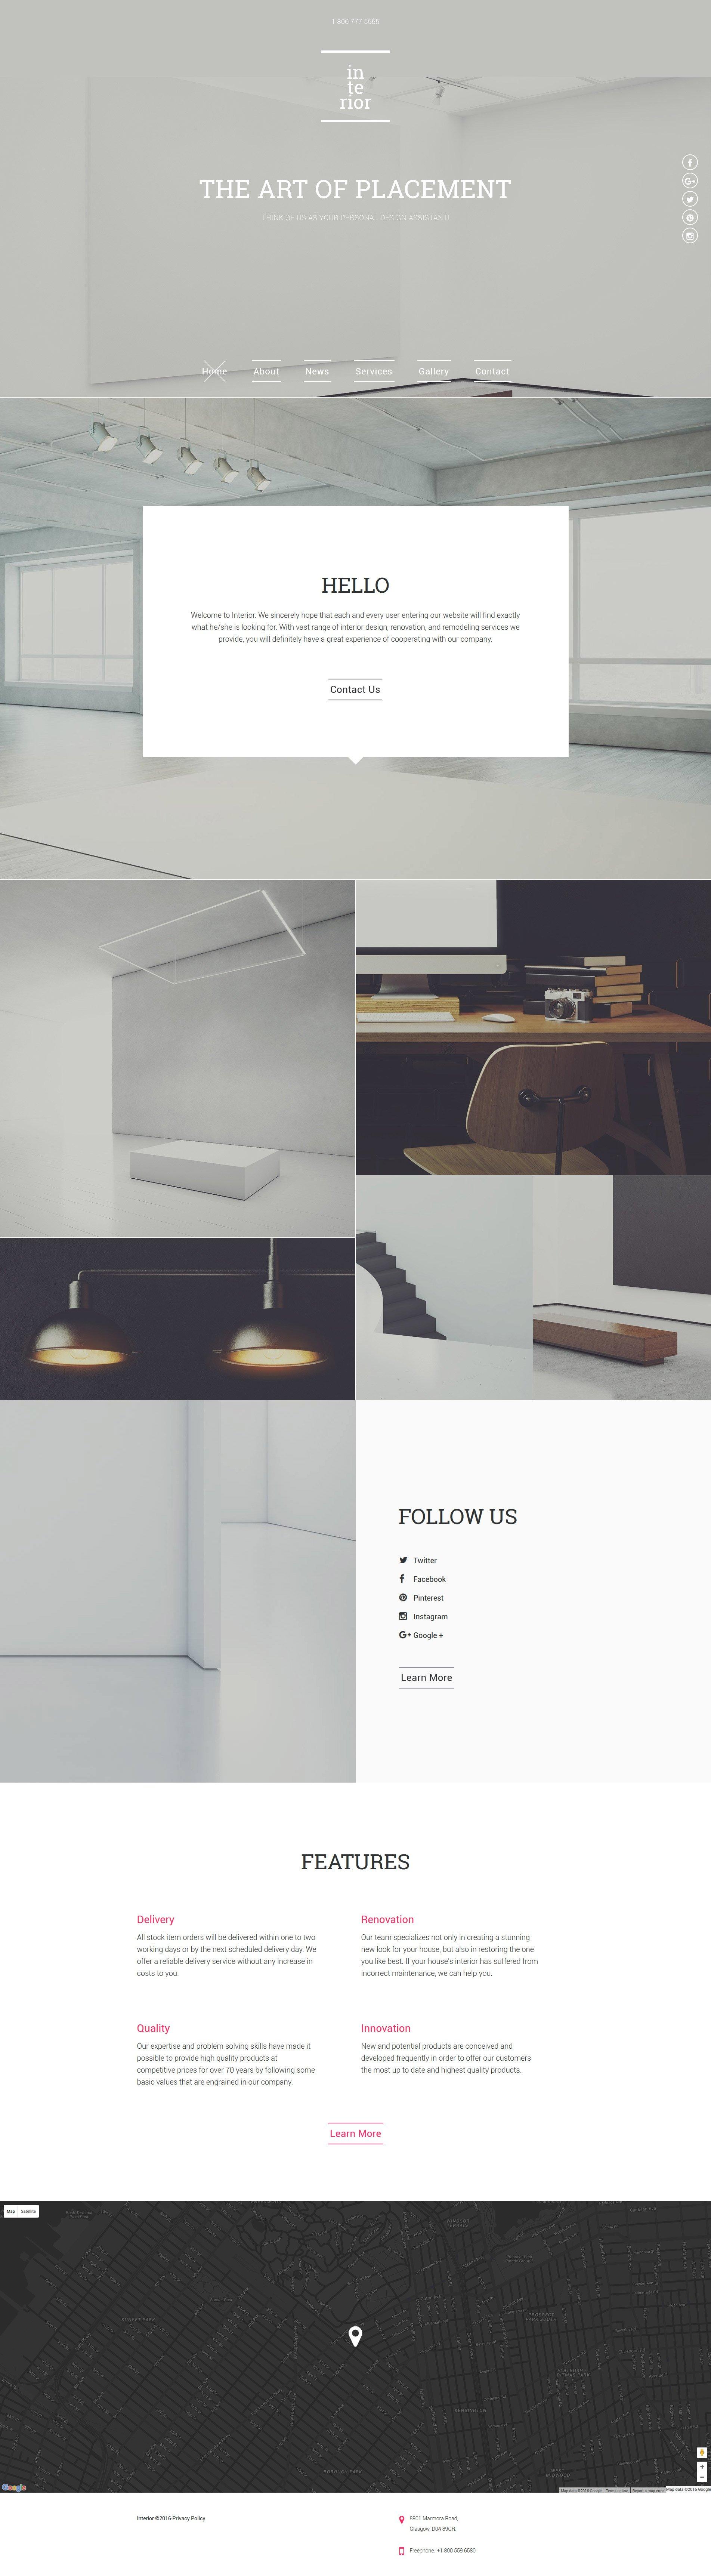 Modello Siti Web Responsive #57902 per Un Sito di Arredamento e Design